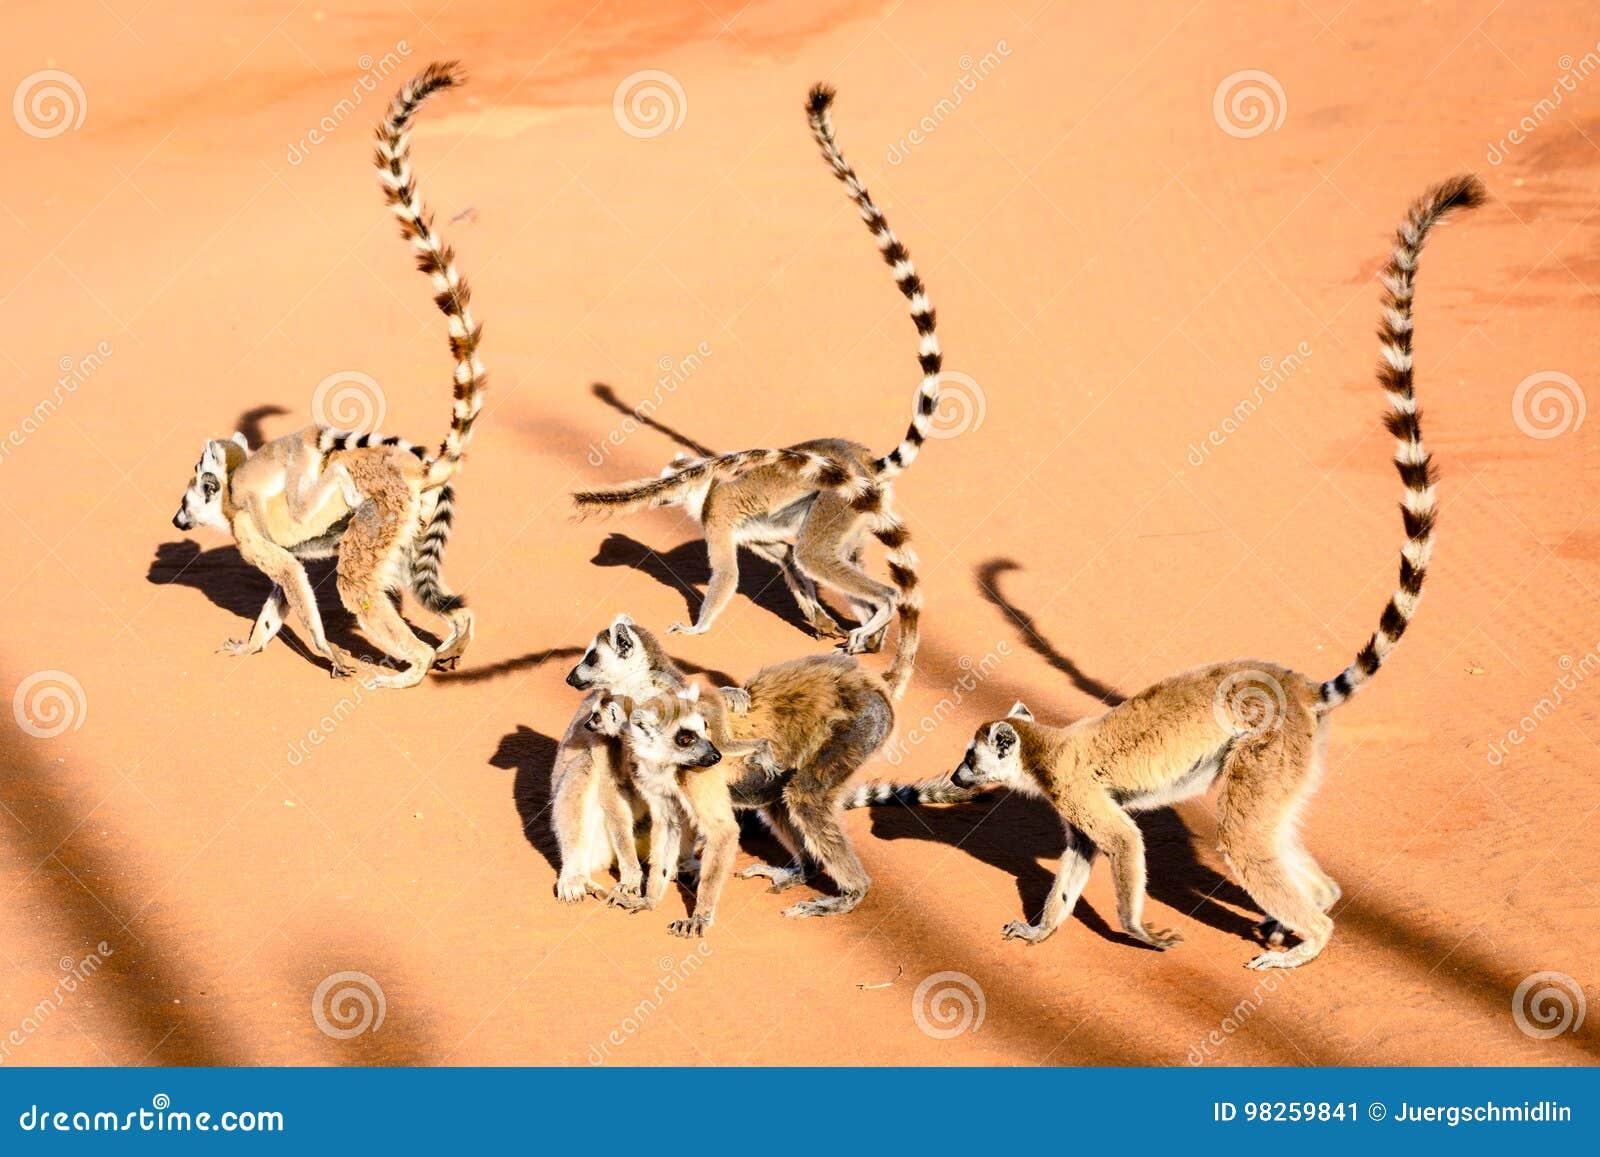 Gruppen av cirkeln tailed makier i soligt väder på röd sand